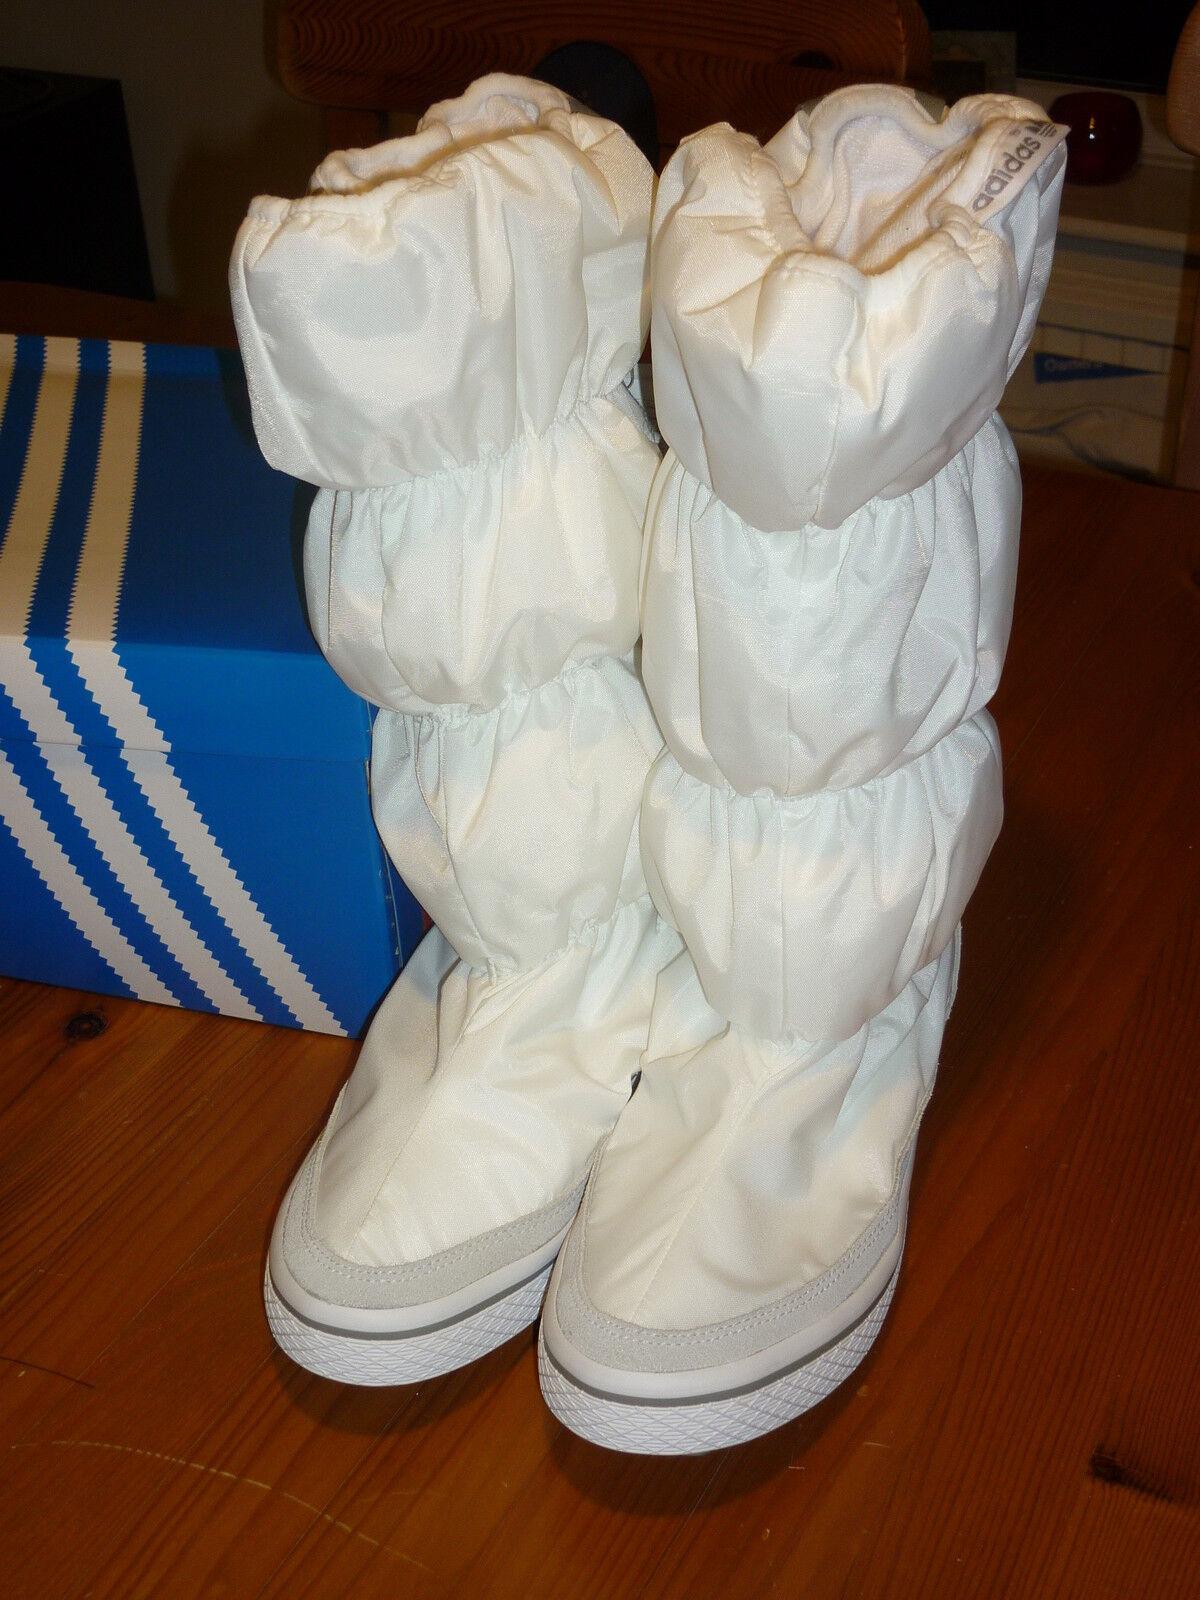 ADIDAS ADIWINTER Stiefel Größe 5 Weiß BRAND NEW IN BOX (Weiß)